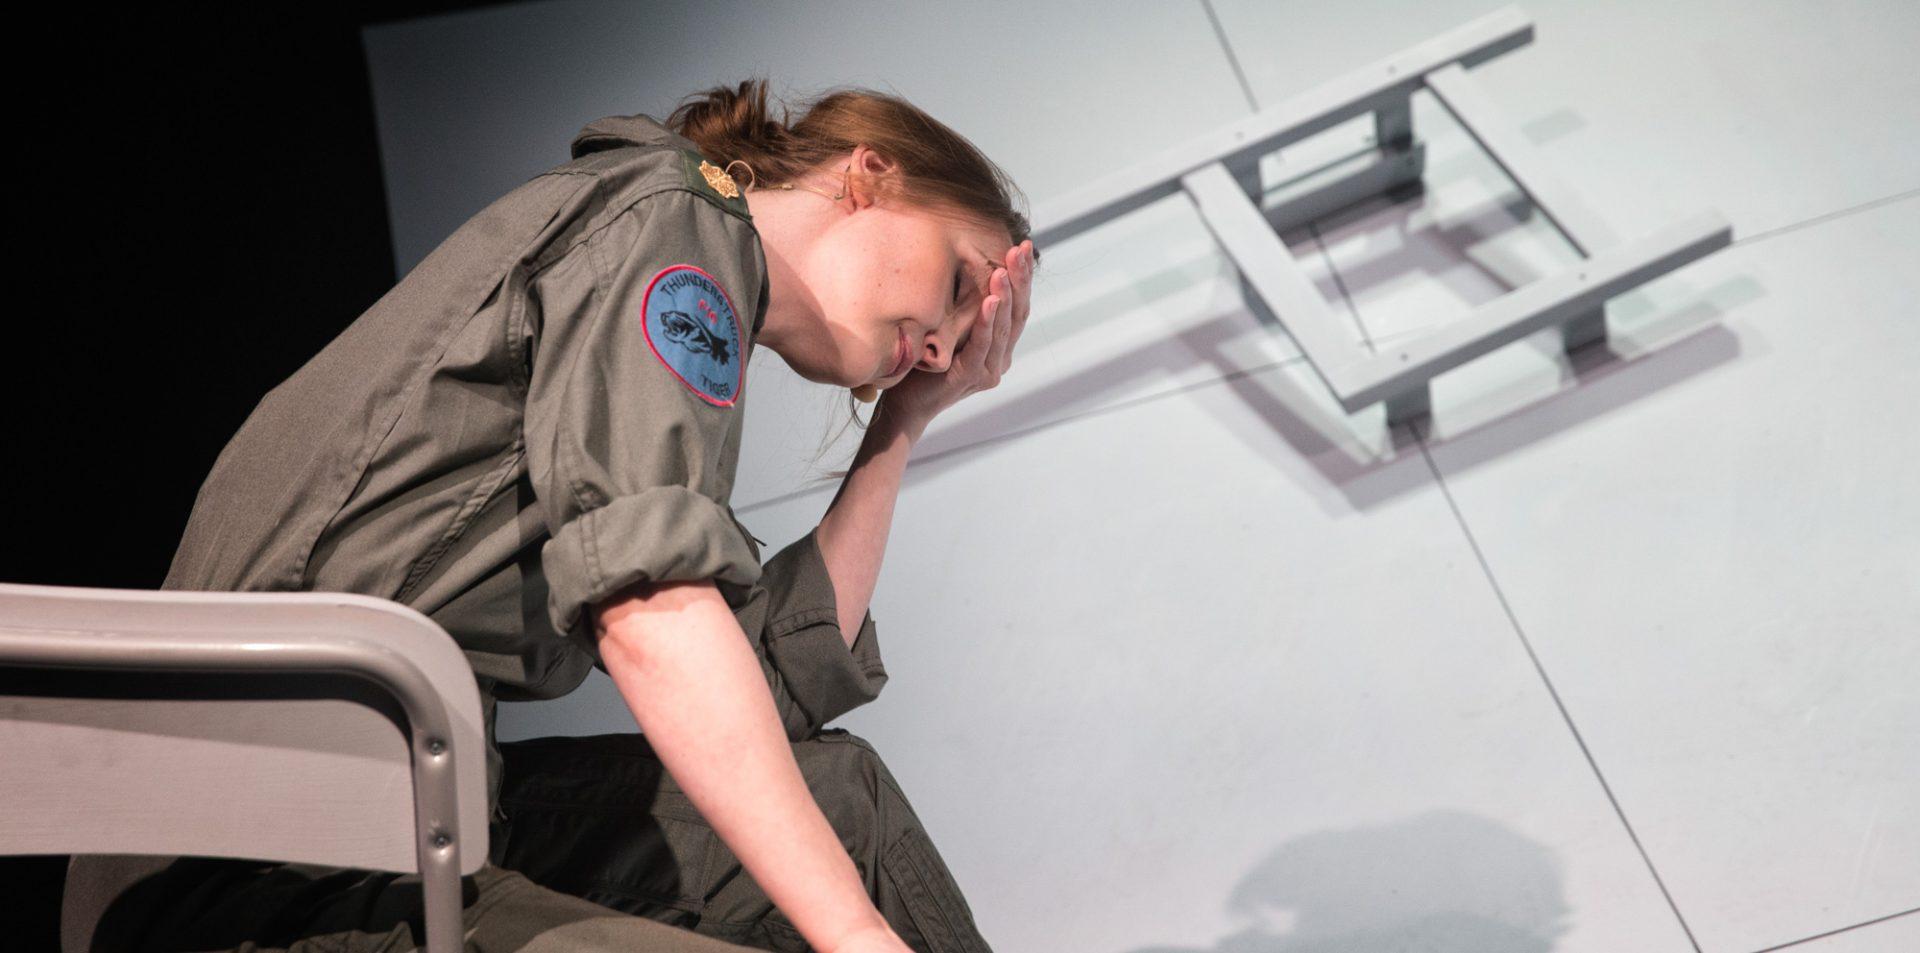 """Anmeldelse af """"Grounded"""": Kaja Kamuk strålede i en middelmådig forestilling"""